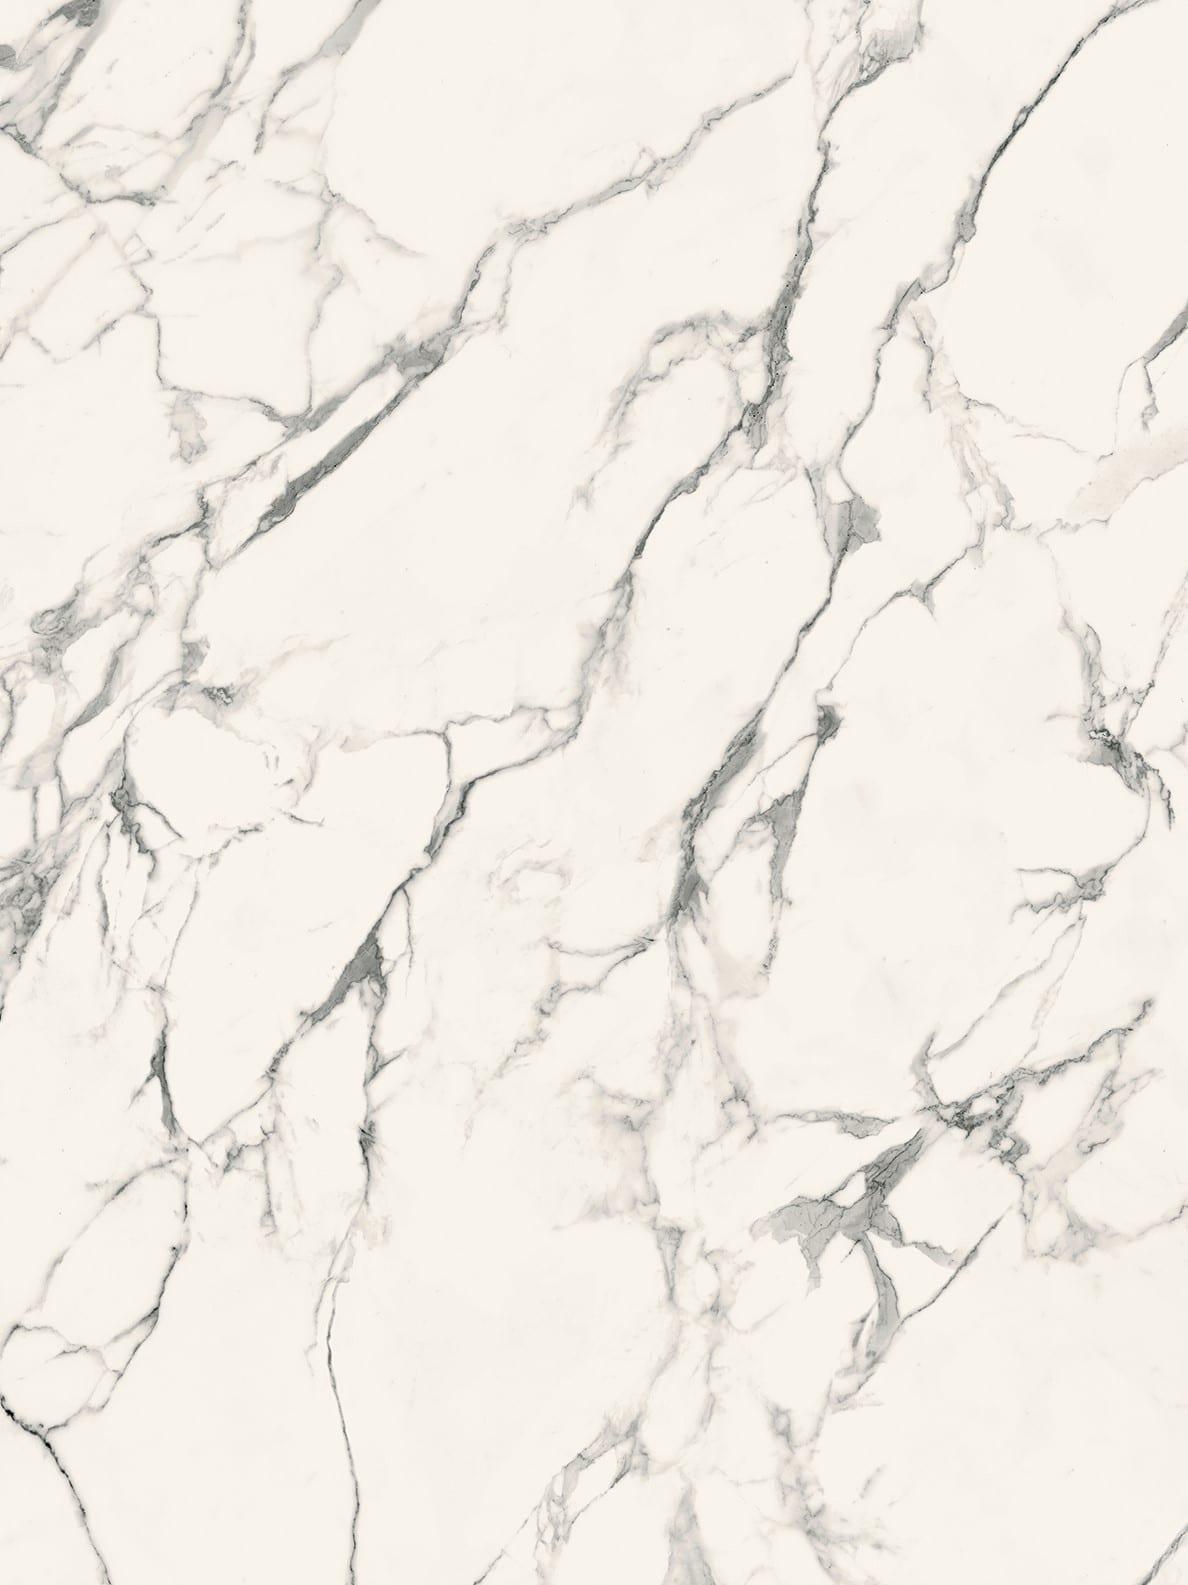 #02 - Statuario Bianco